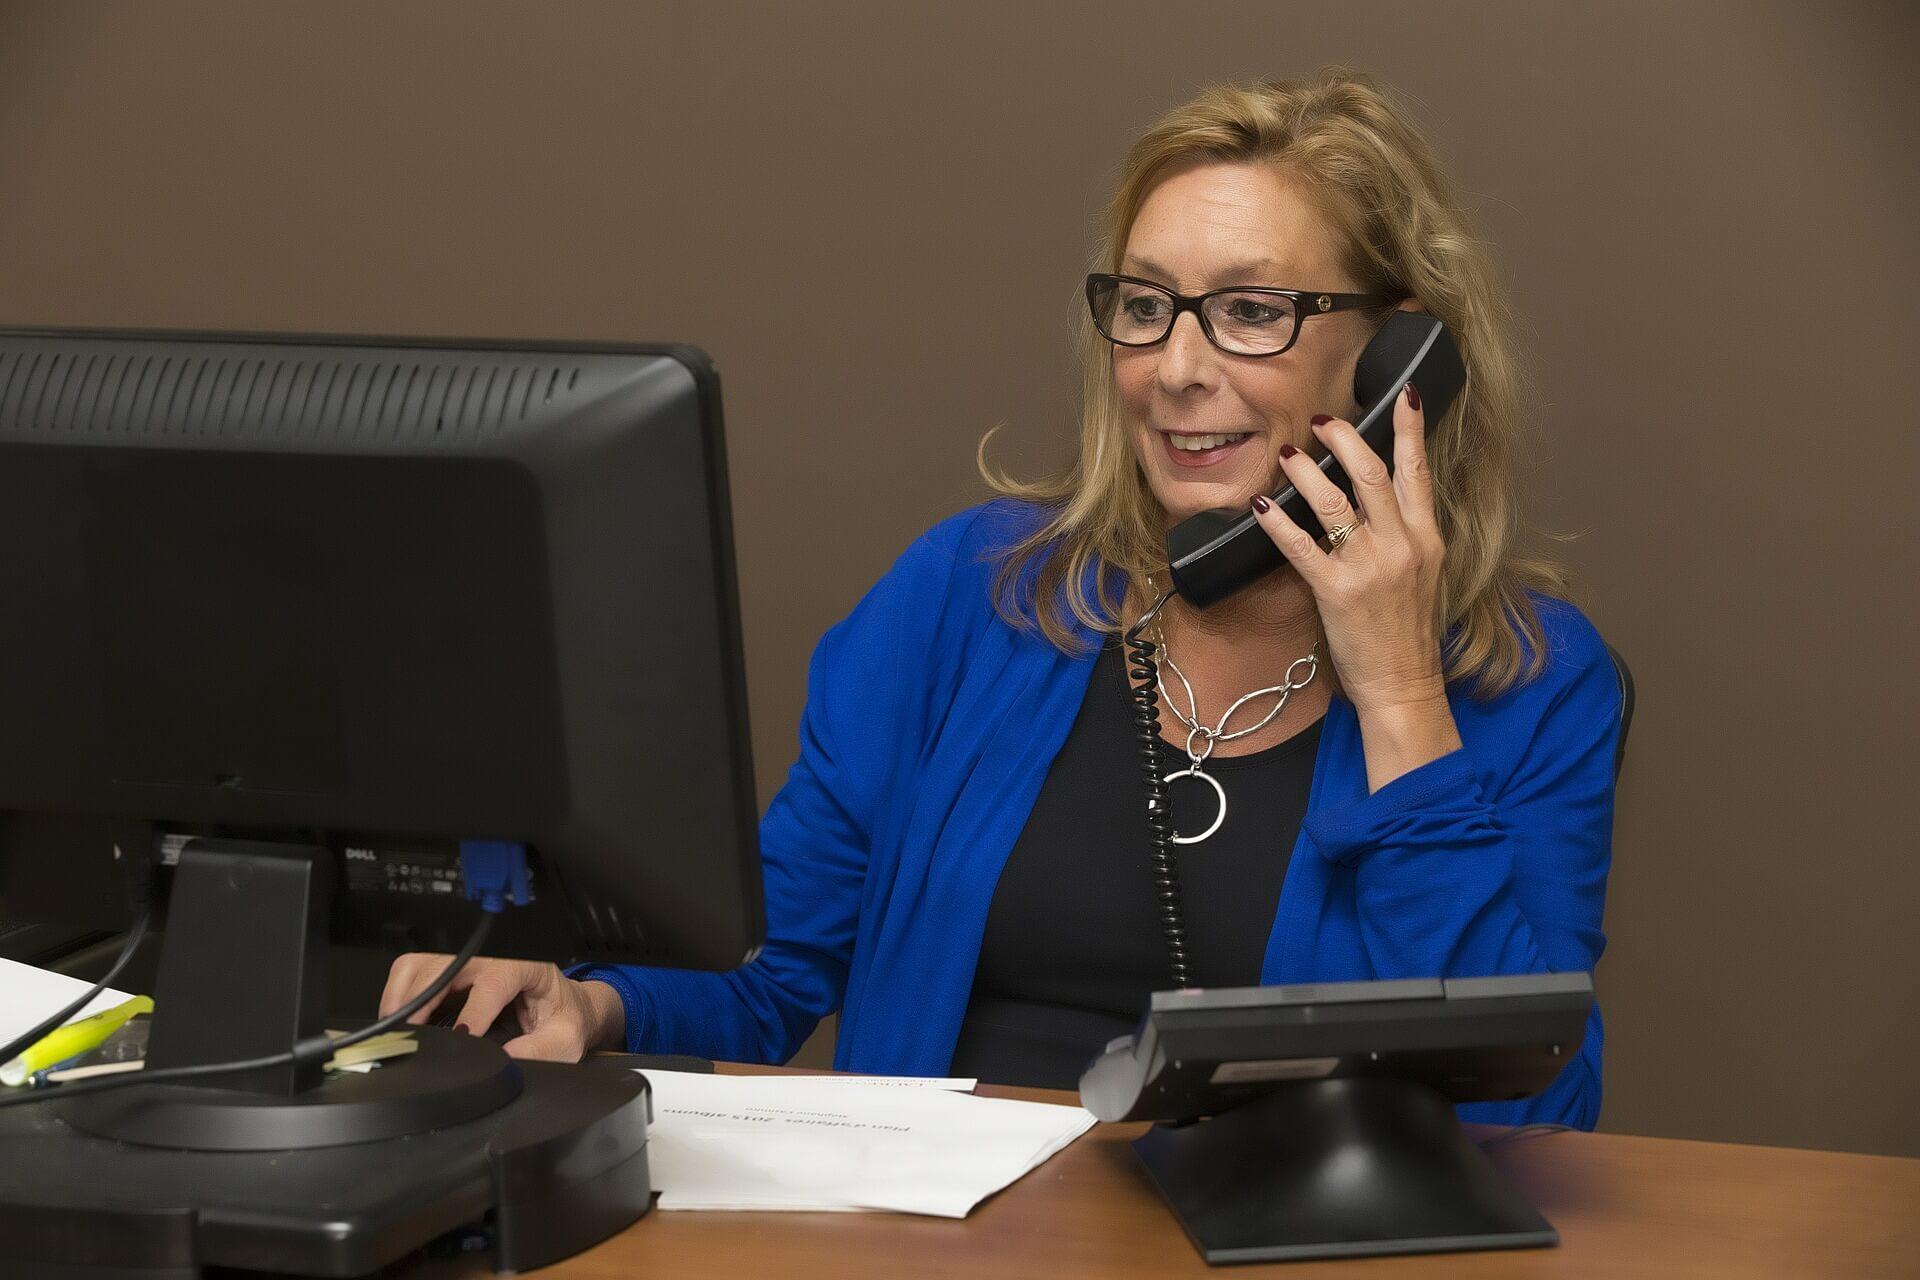 Mitarbeiterunterstützung ist lebensphasenorientiert - nicht nur am Telefon (c) Patrice_Audet / pixabay.de